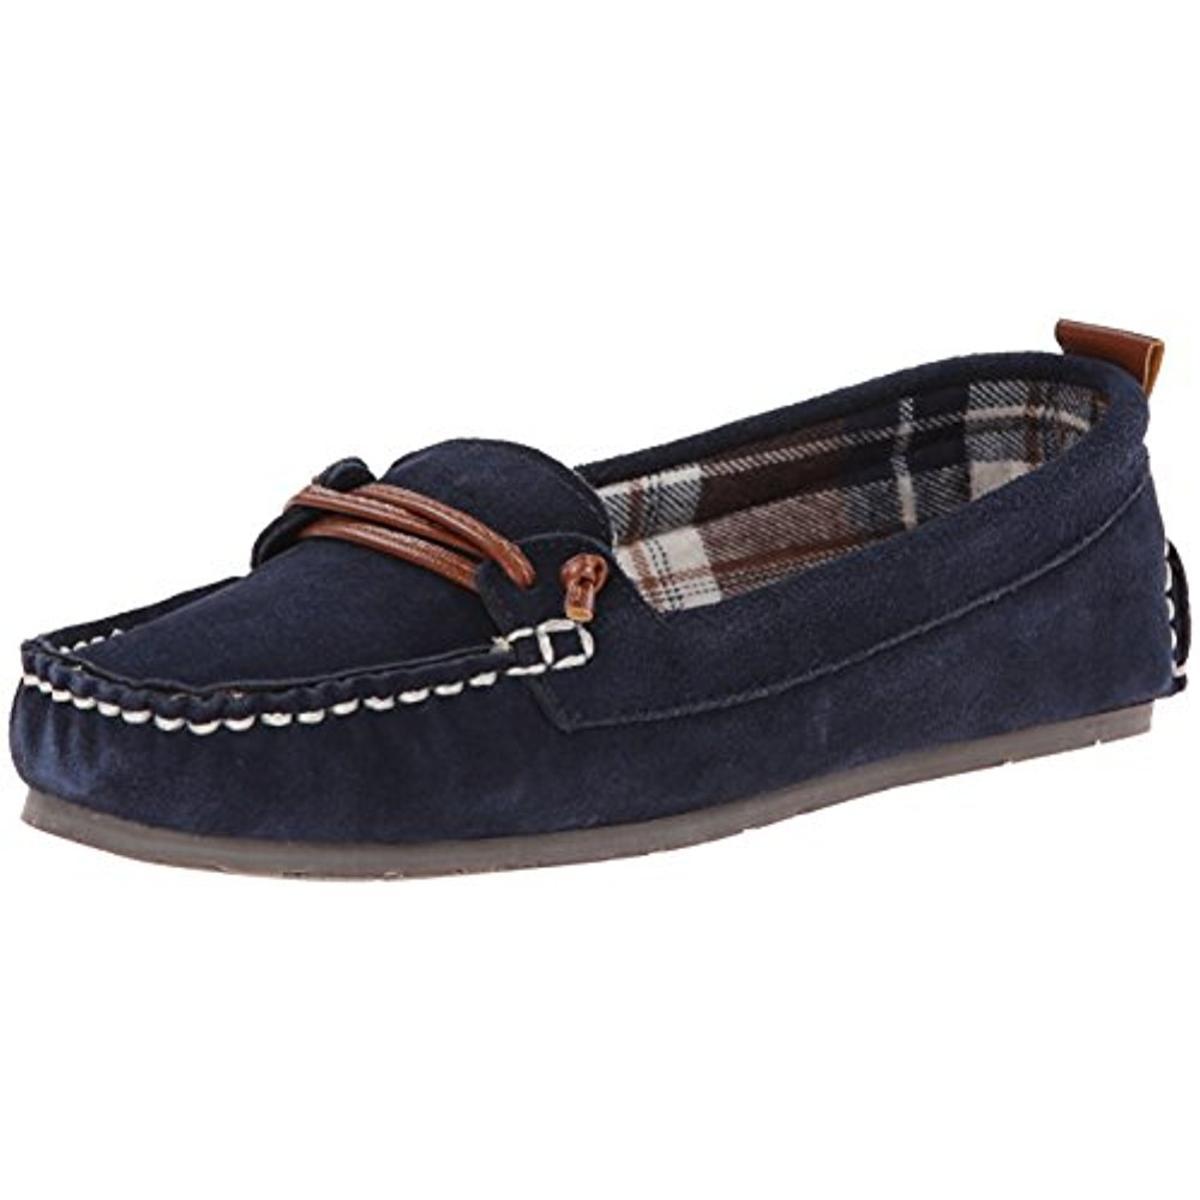 Clarks 4999 Womens Blue Suede Faux Fur Moccasins Shoes 10